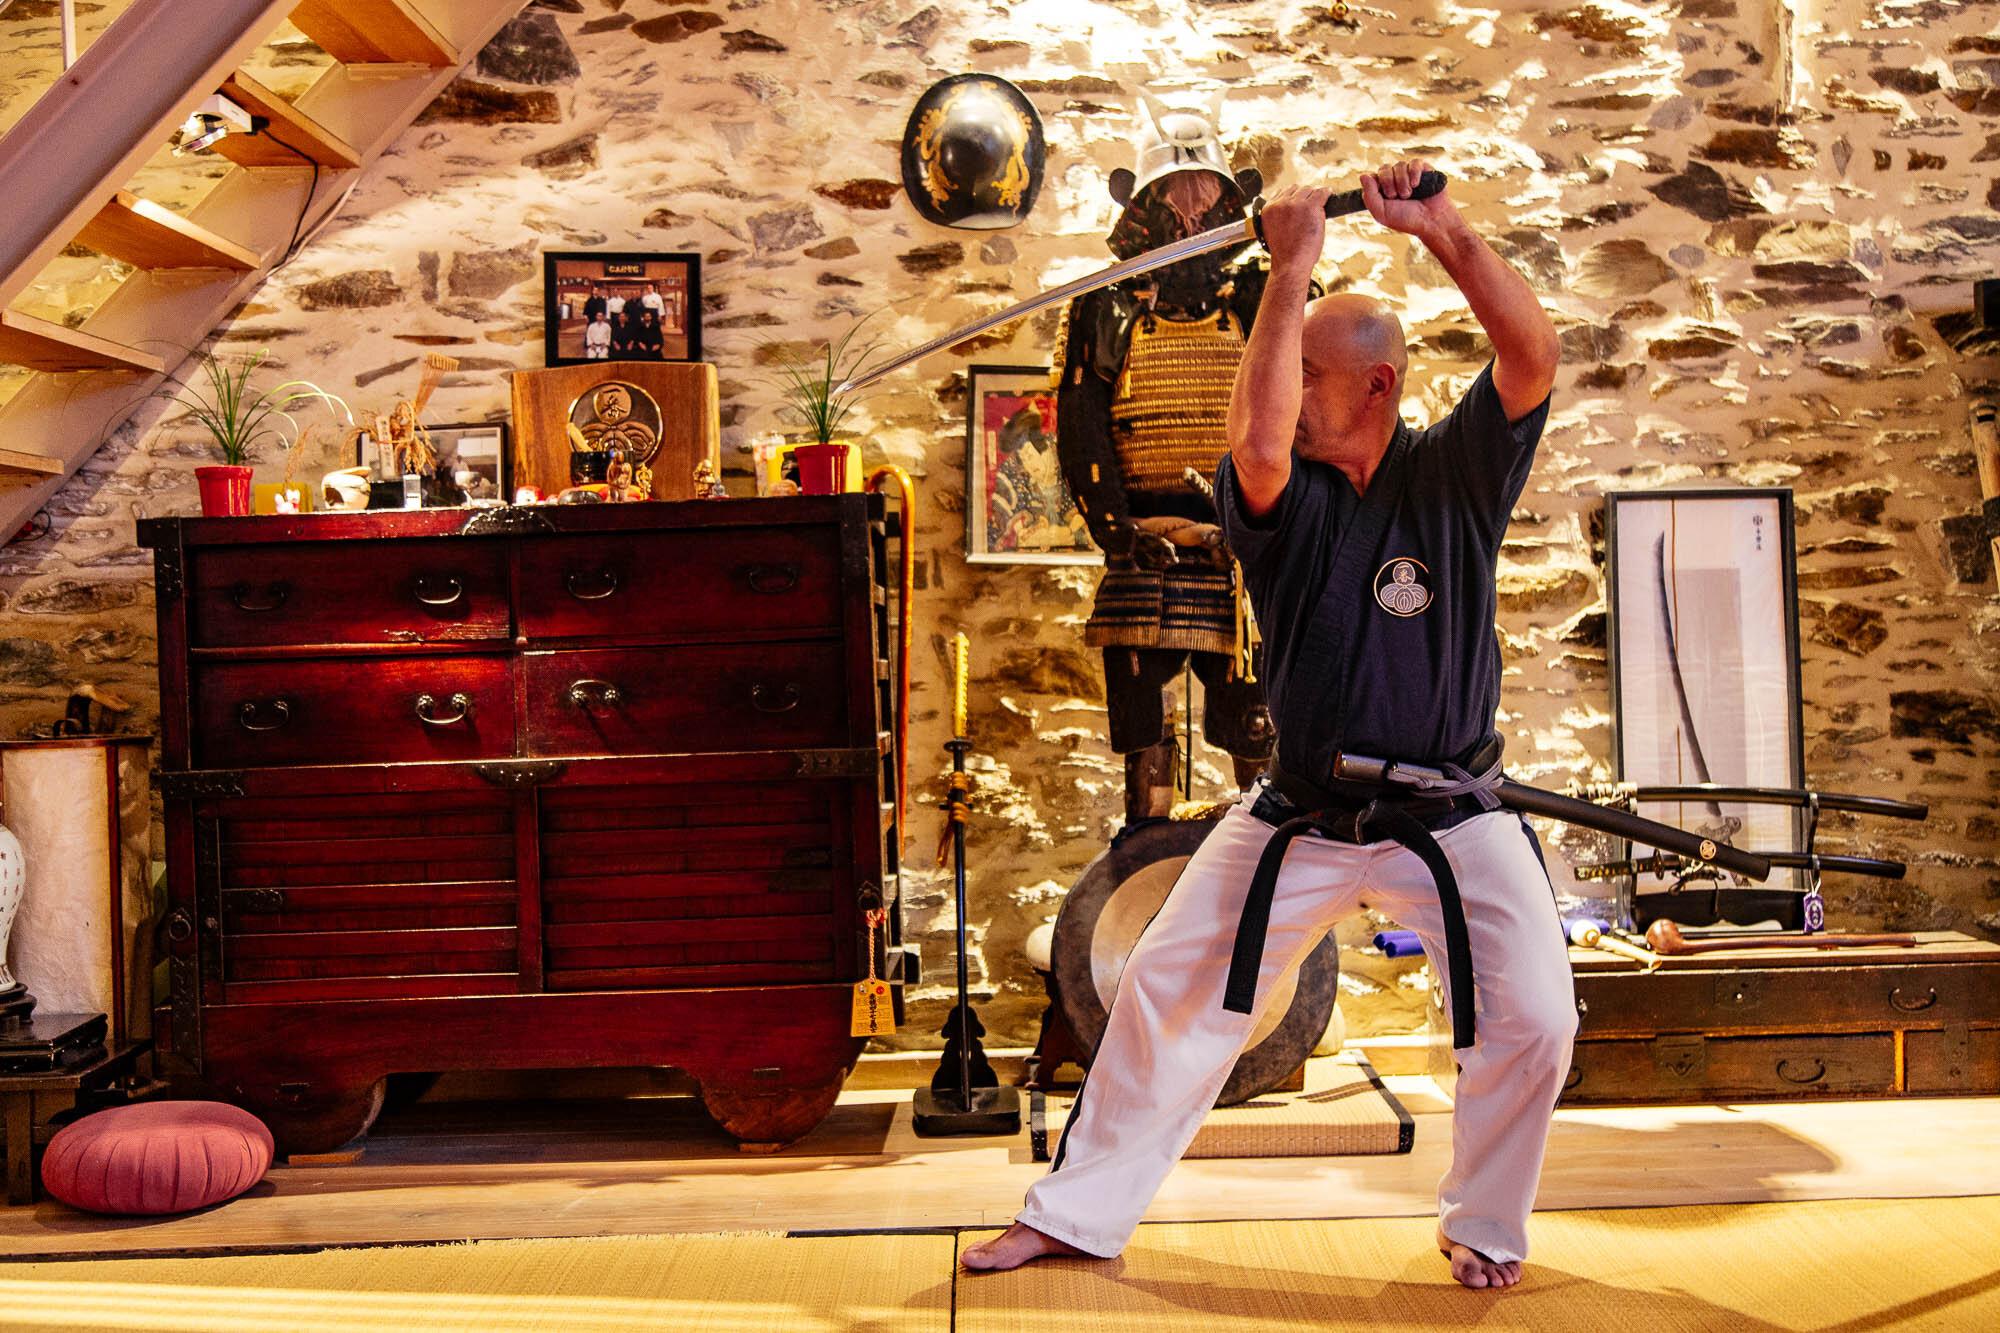 Ken Jutsu - C'est la technique du sabre : l'art de manier le sabre traditionnel, technique pratiquée par les samouraïs depuis plus de 10 siècles…